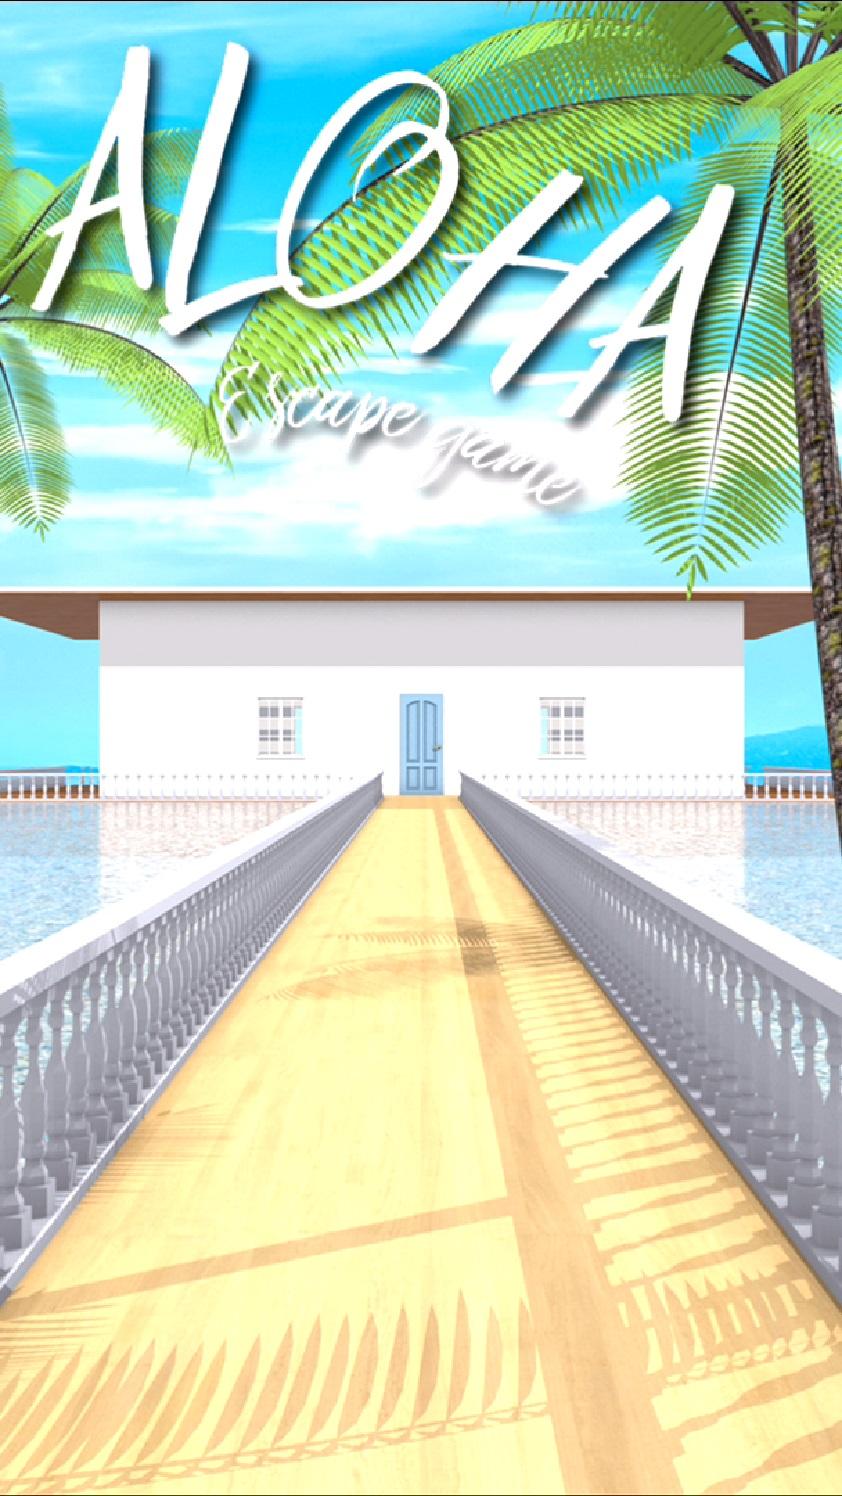 androidアプリ 脱出ゲーム Aloha ハワイの海に浮かぶ家攻略スクリーンショット1